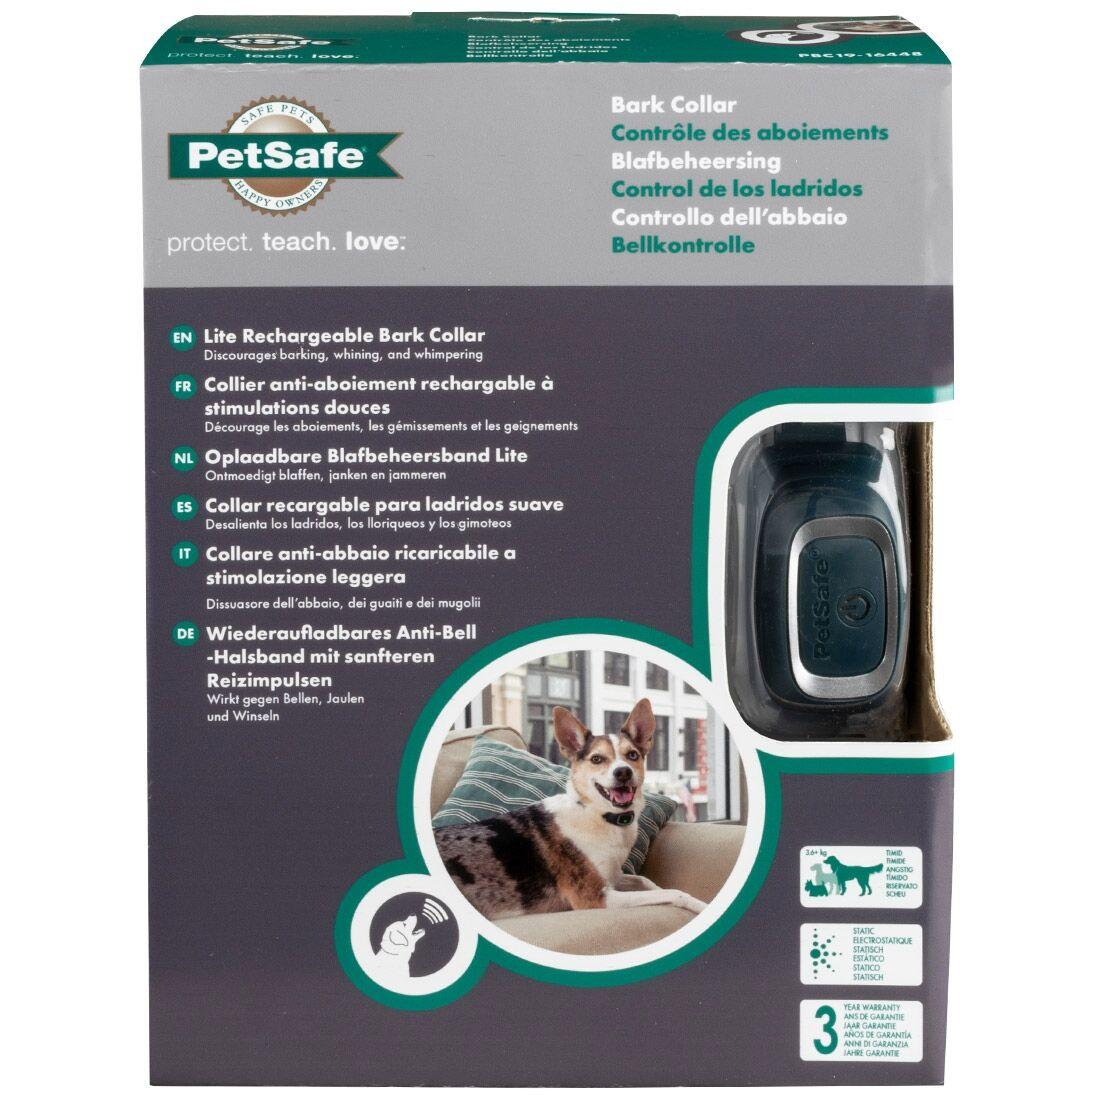 PetSafe Collier anti-aboiement rechargeable à stimulations douces PBC19-16448